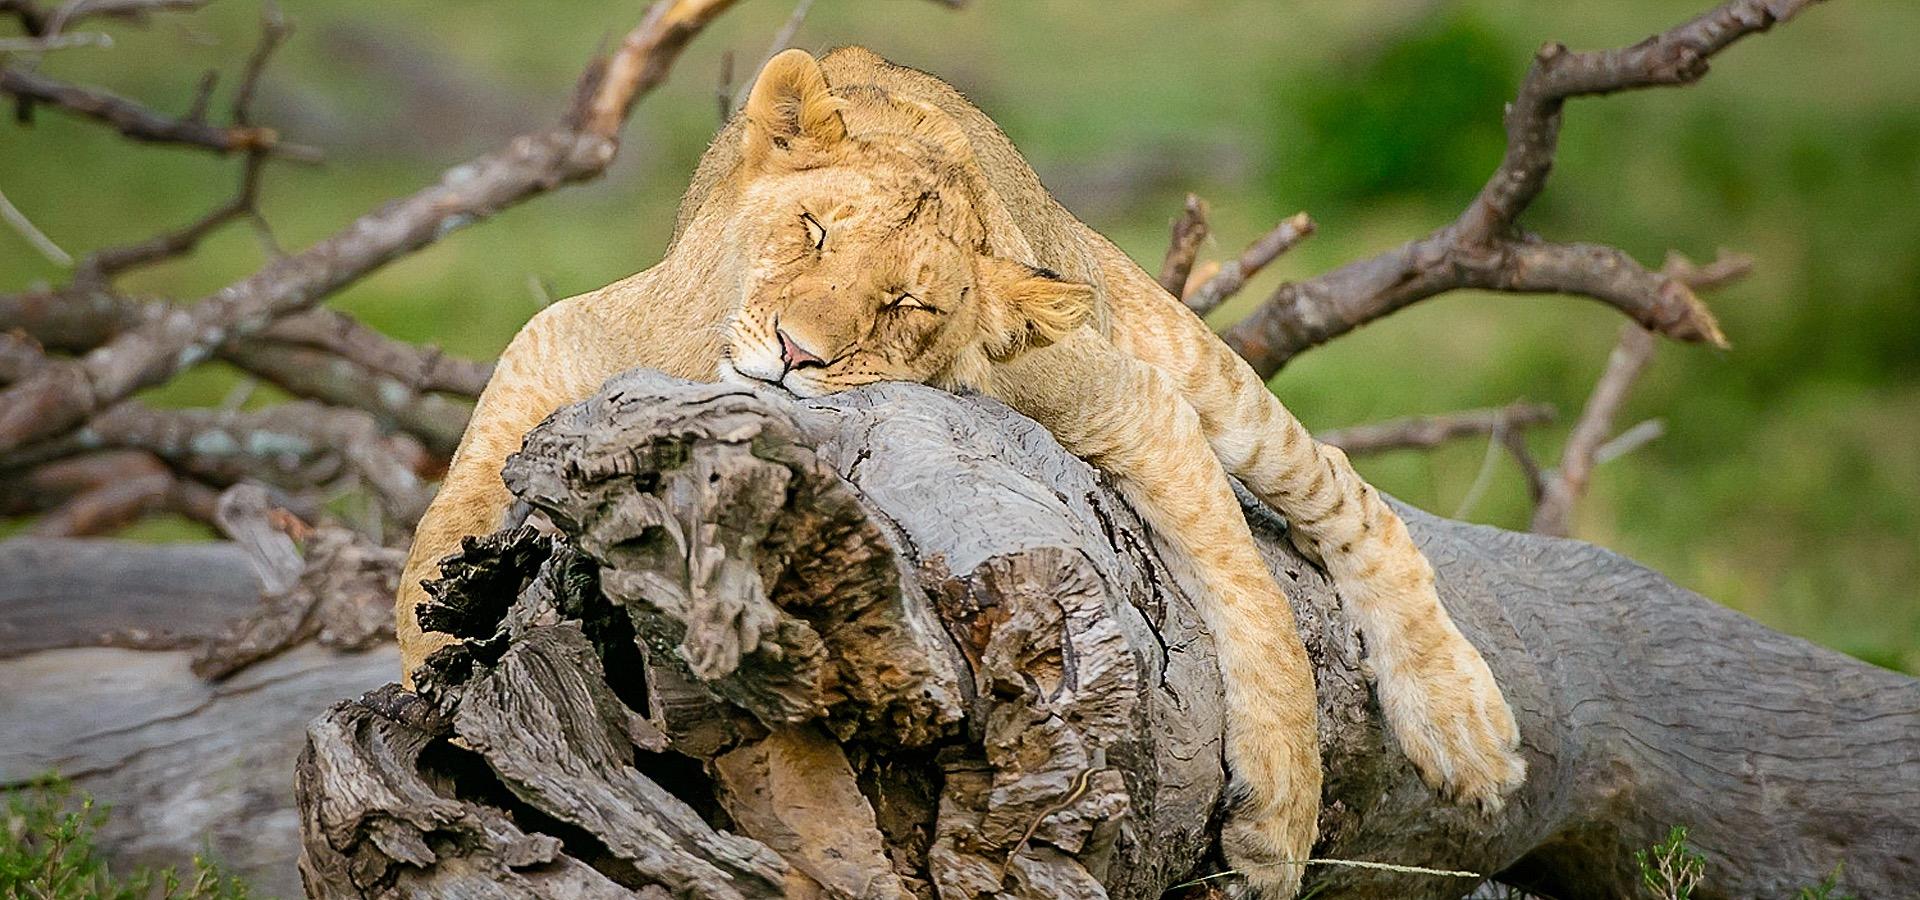 Sleeping young Lion in the Masai Mara.